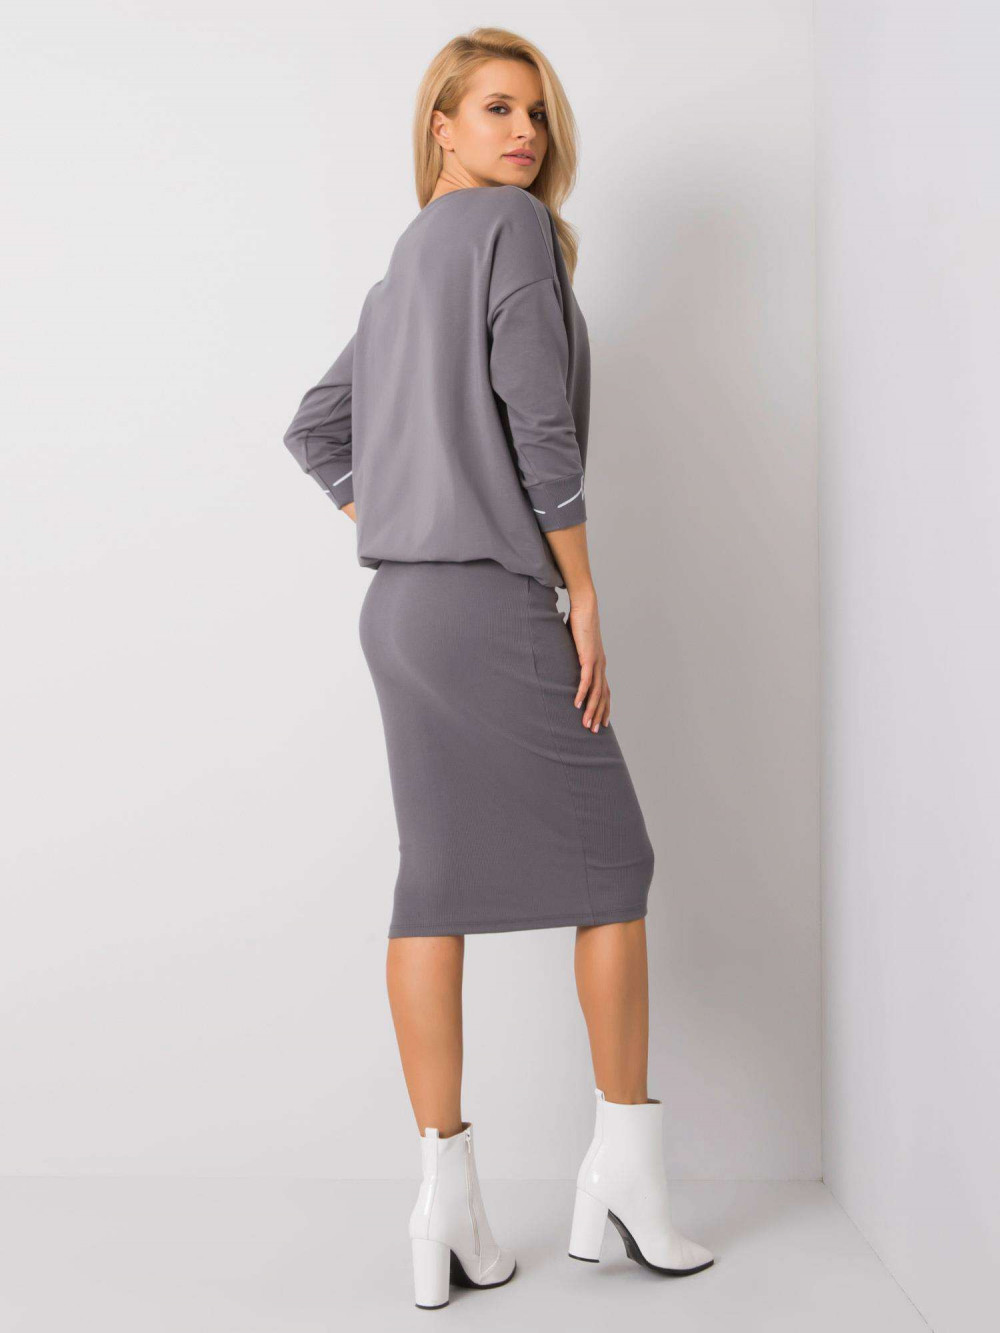 Szara ołówkowa spódnica midi Chara 3